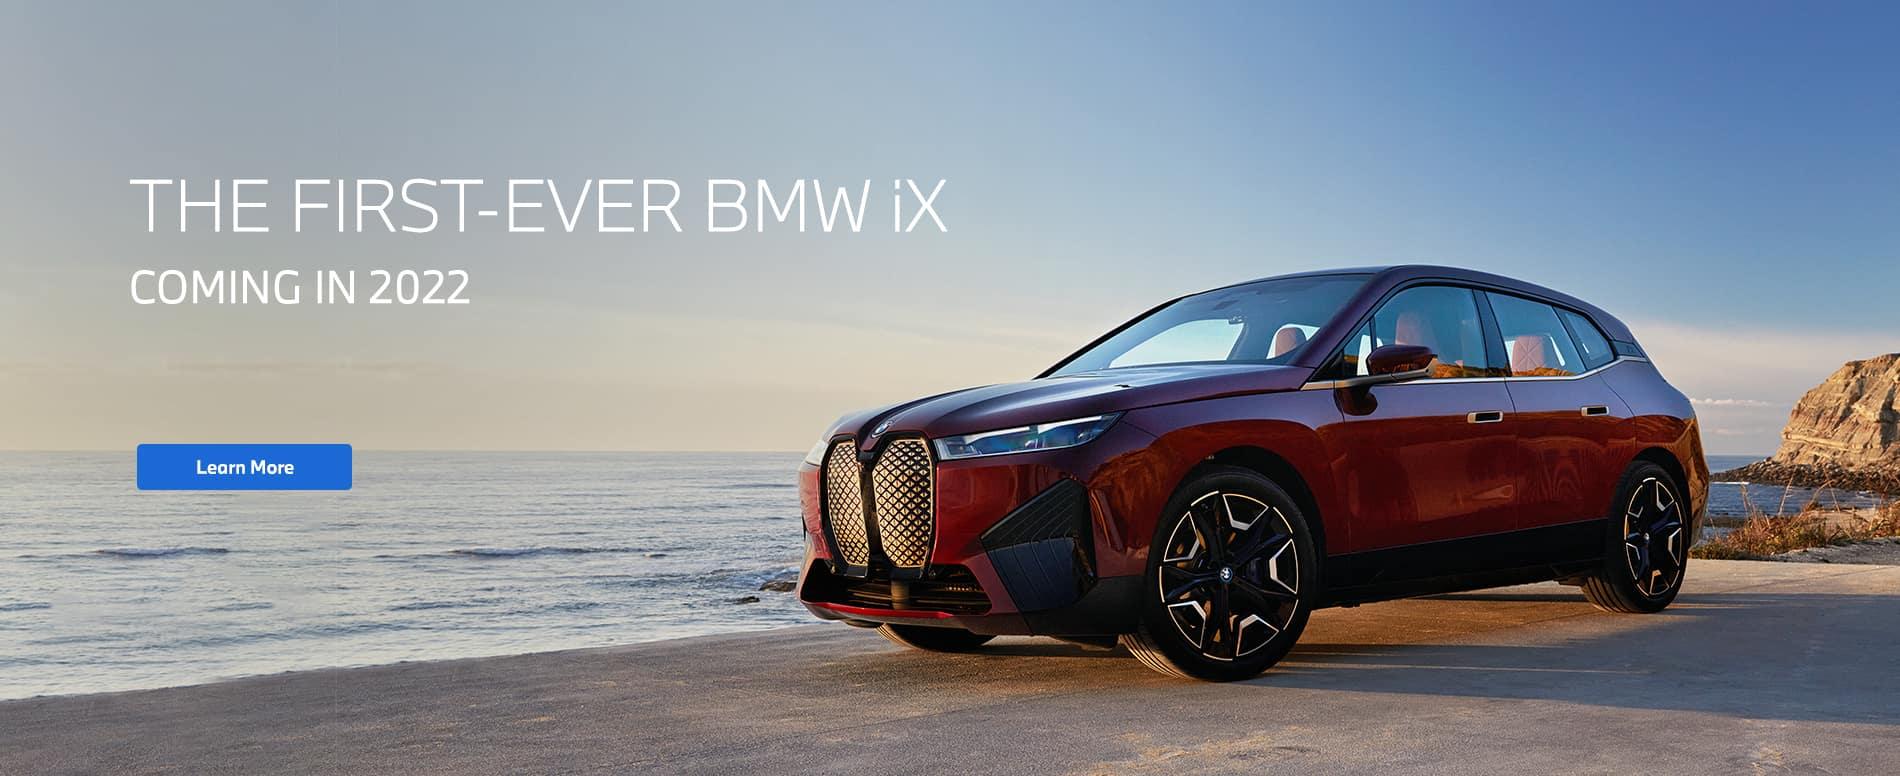 210729-BMW-Slide-iX